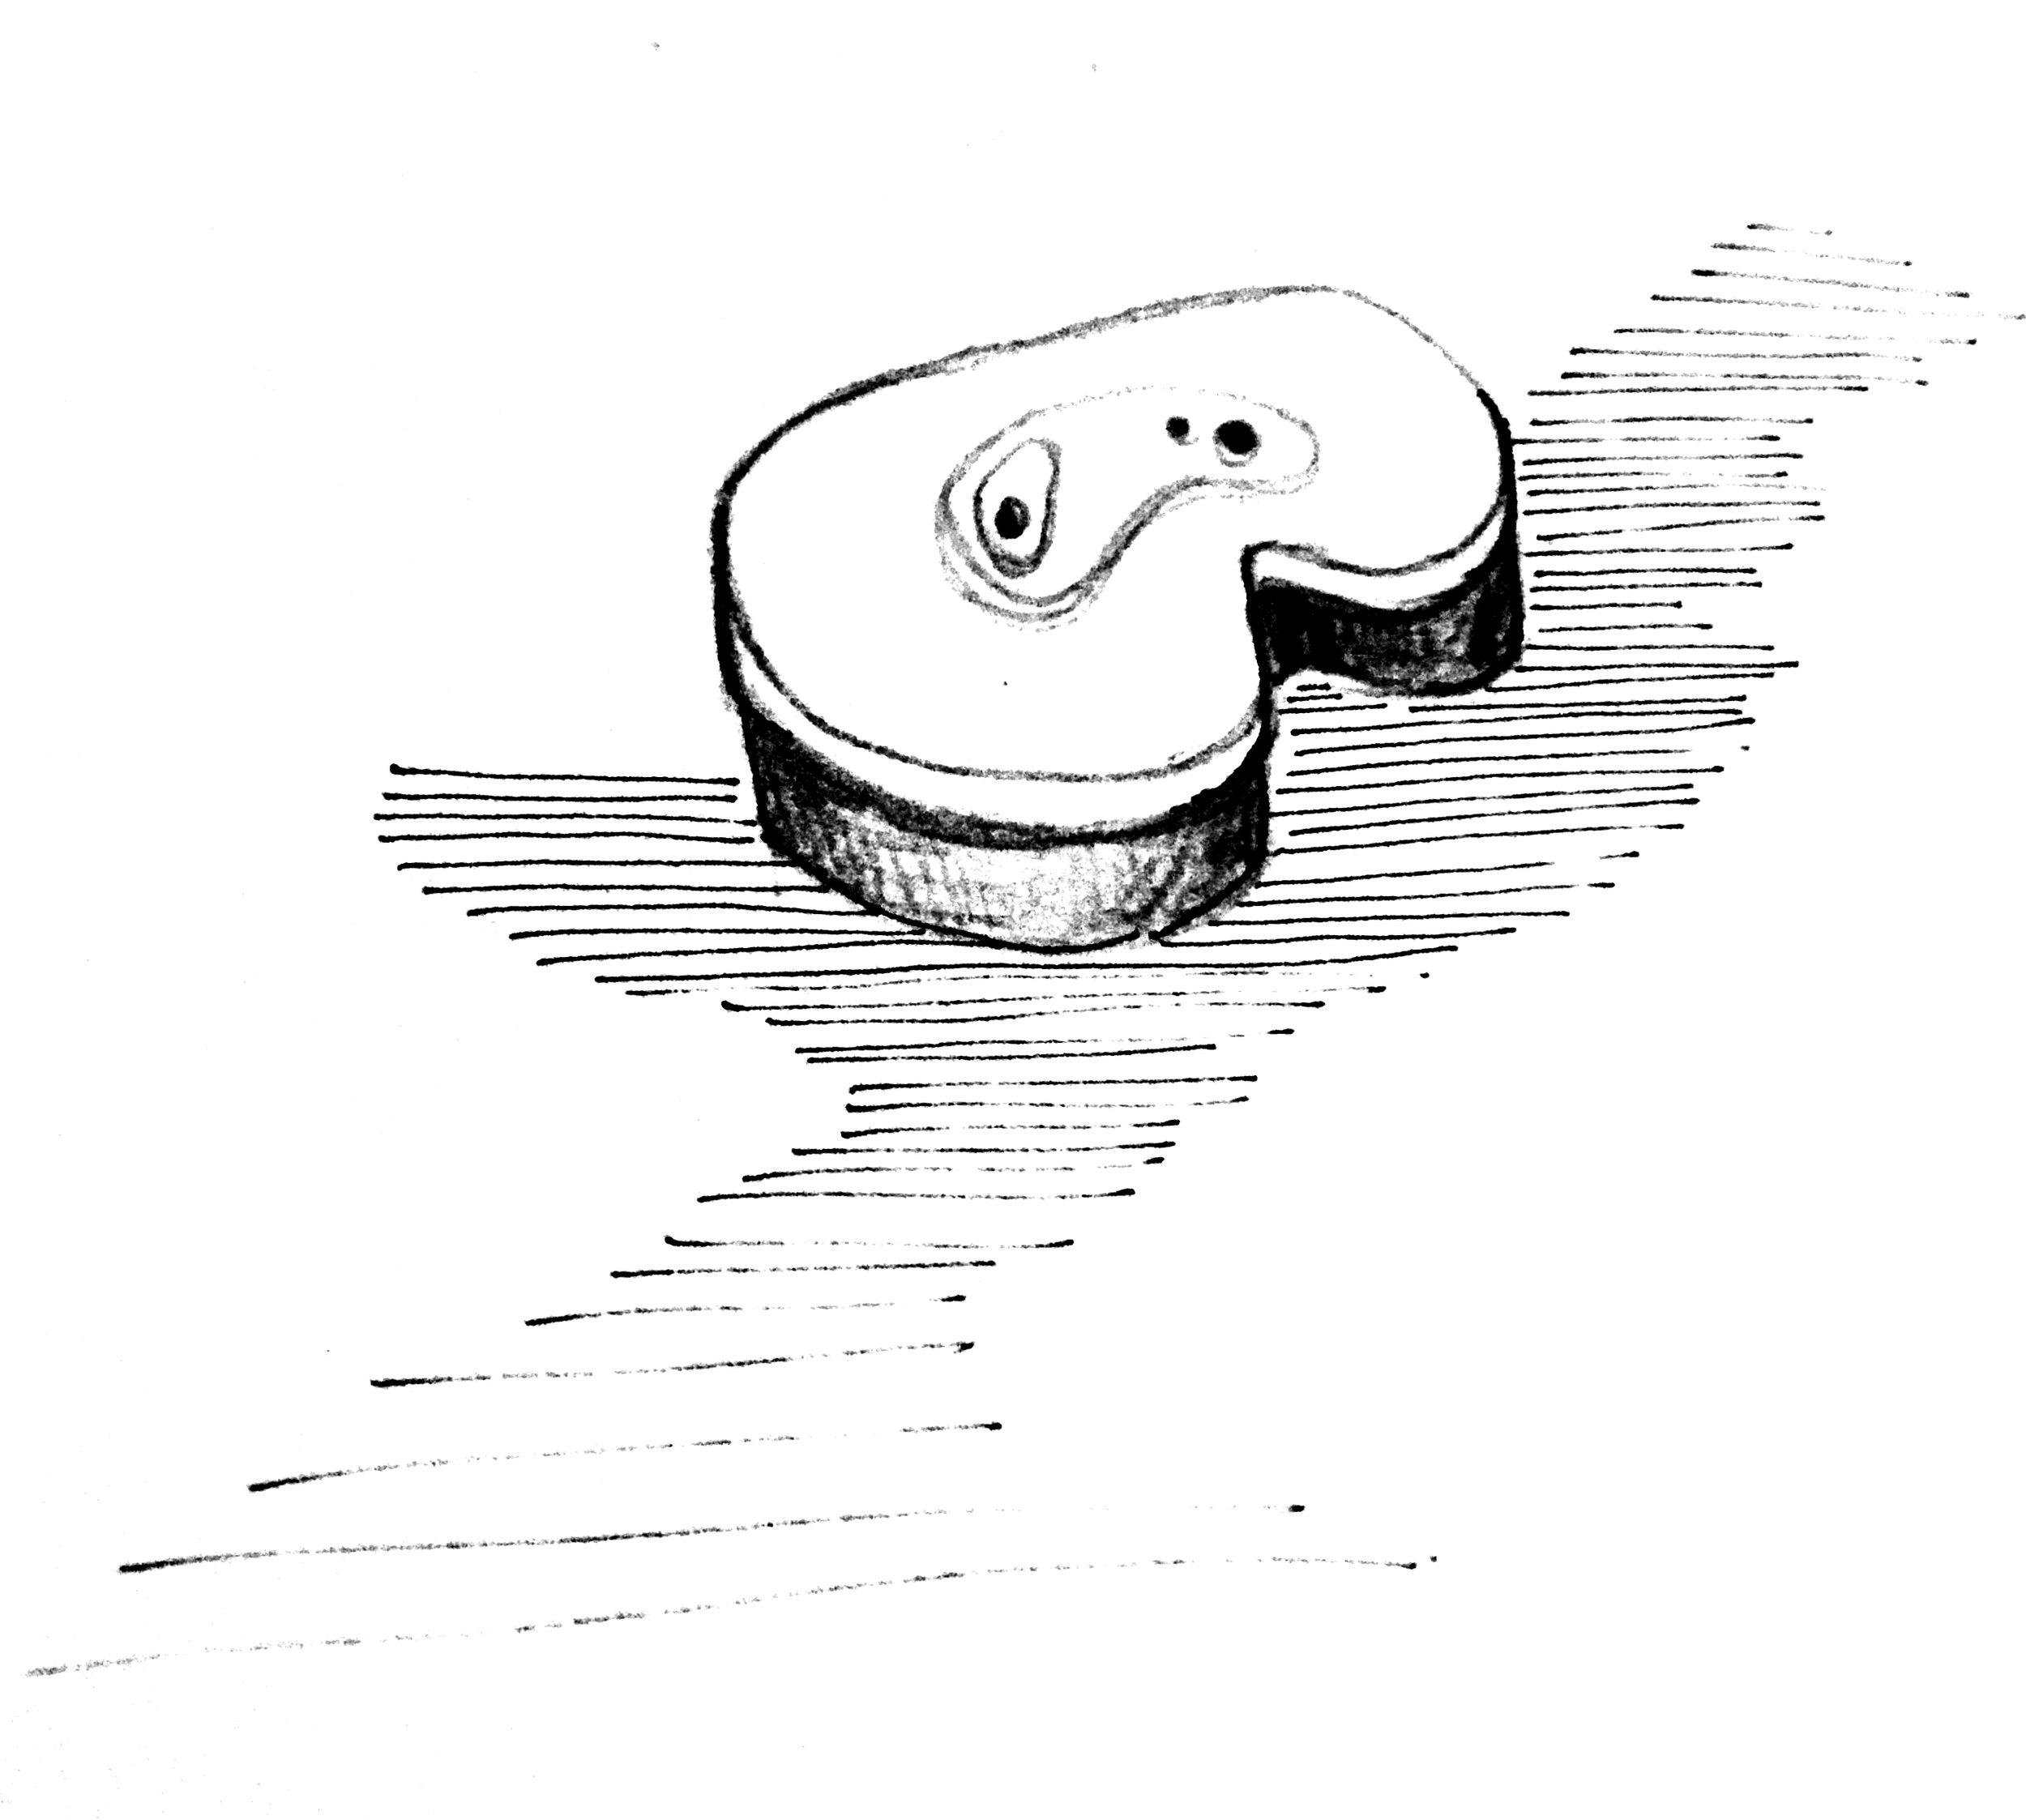 volcancito sketch.jpg